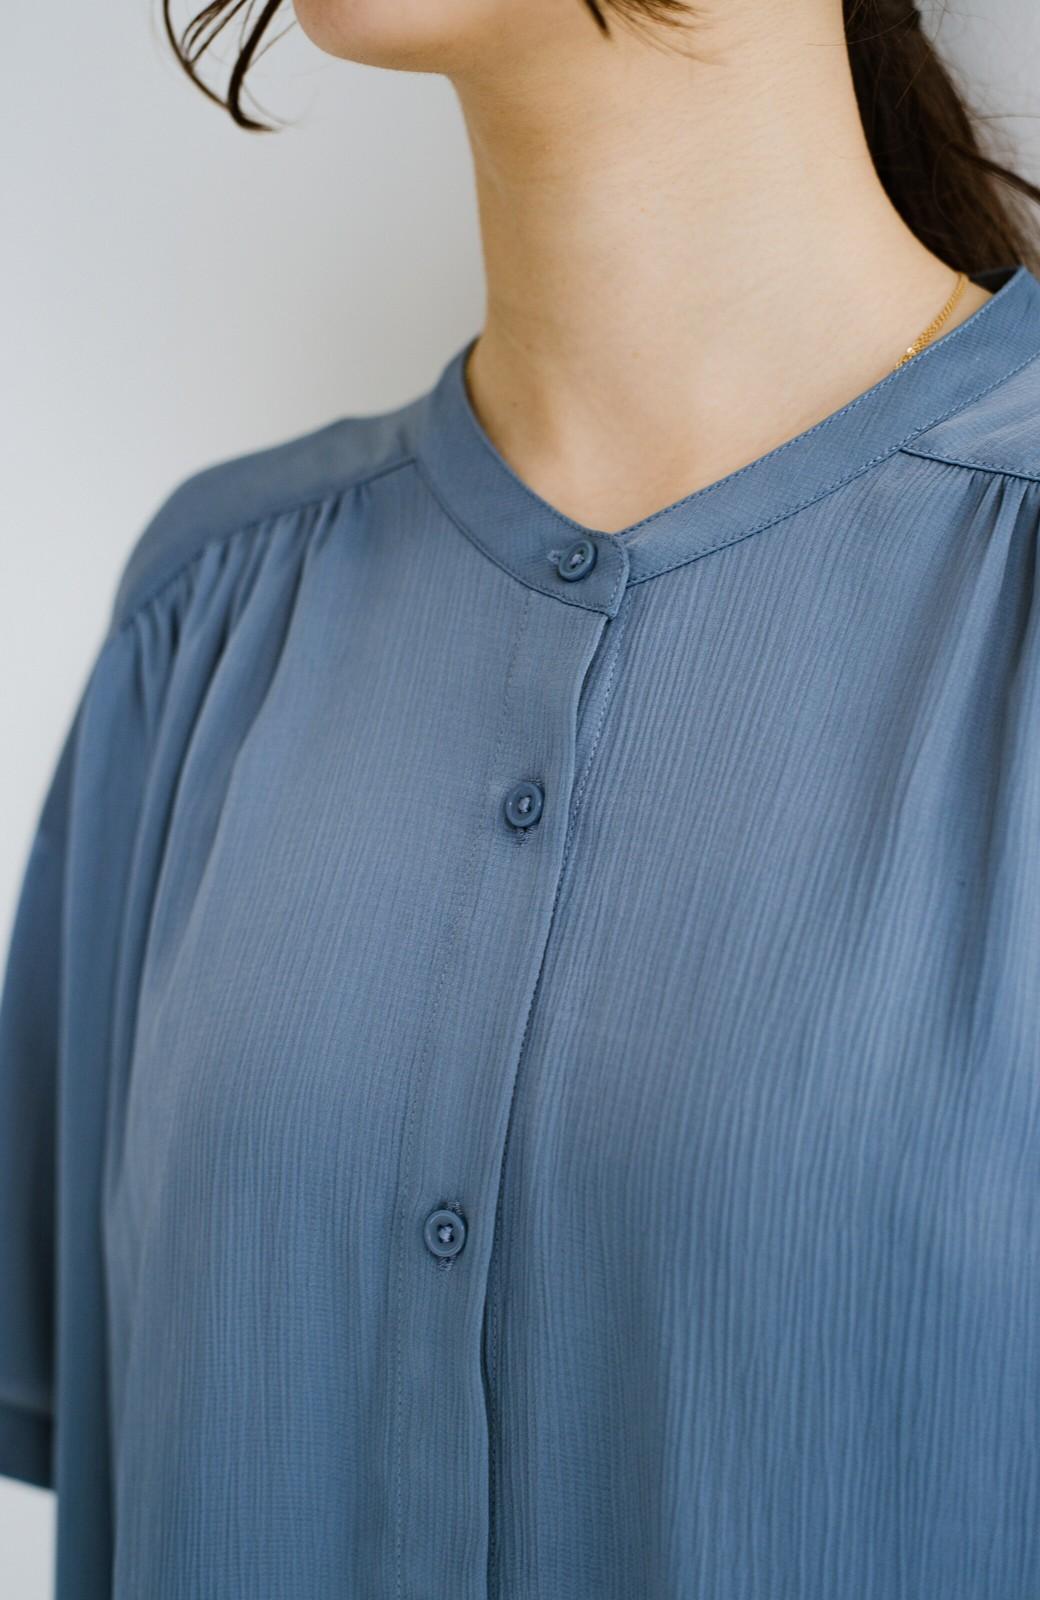 haco! 羽織としてもワンピースとしても着られちゃう 後ろ姿まで抜かりなくかわいいプリーツワンピース <ブルー>の商品写真13